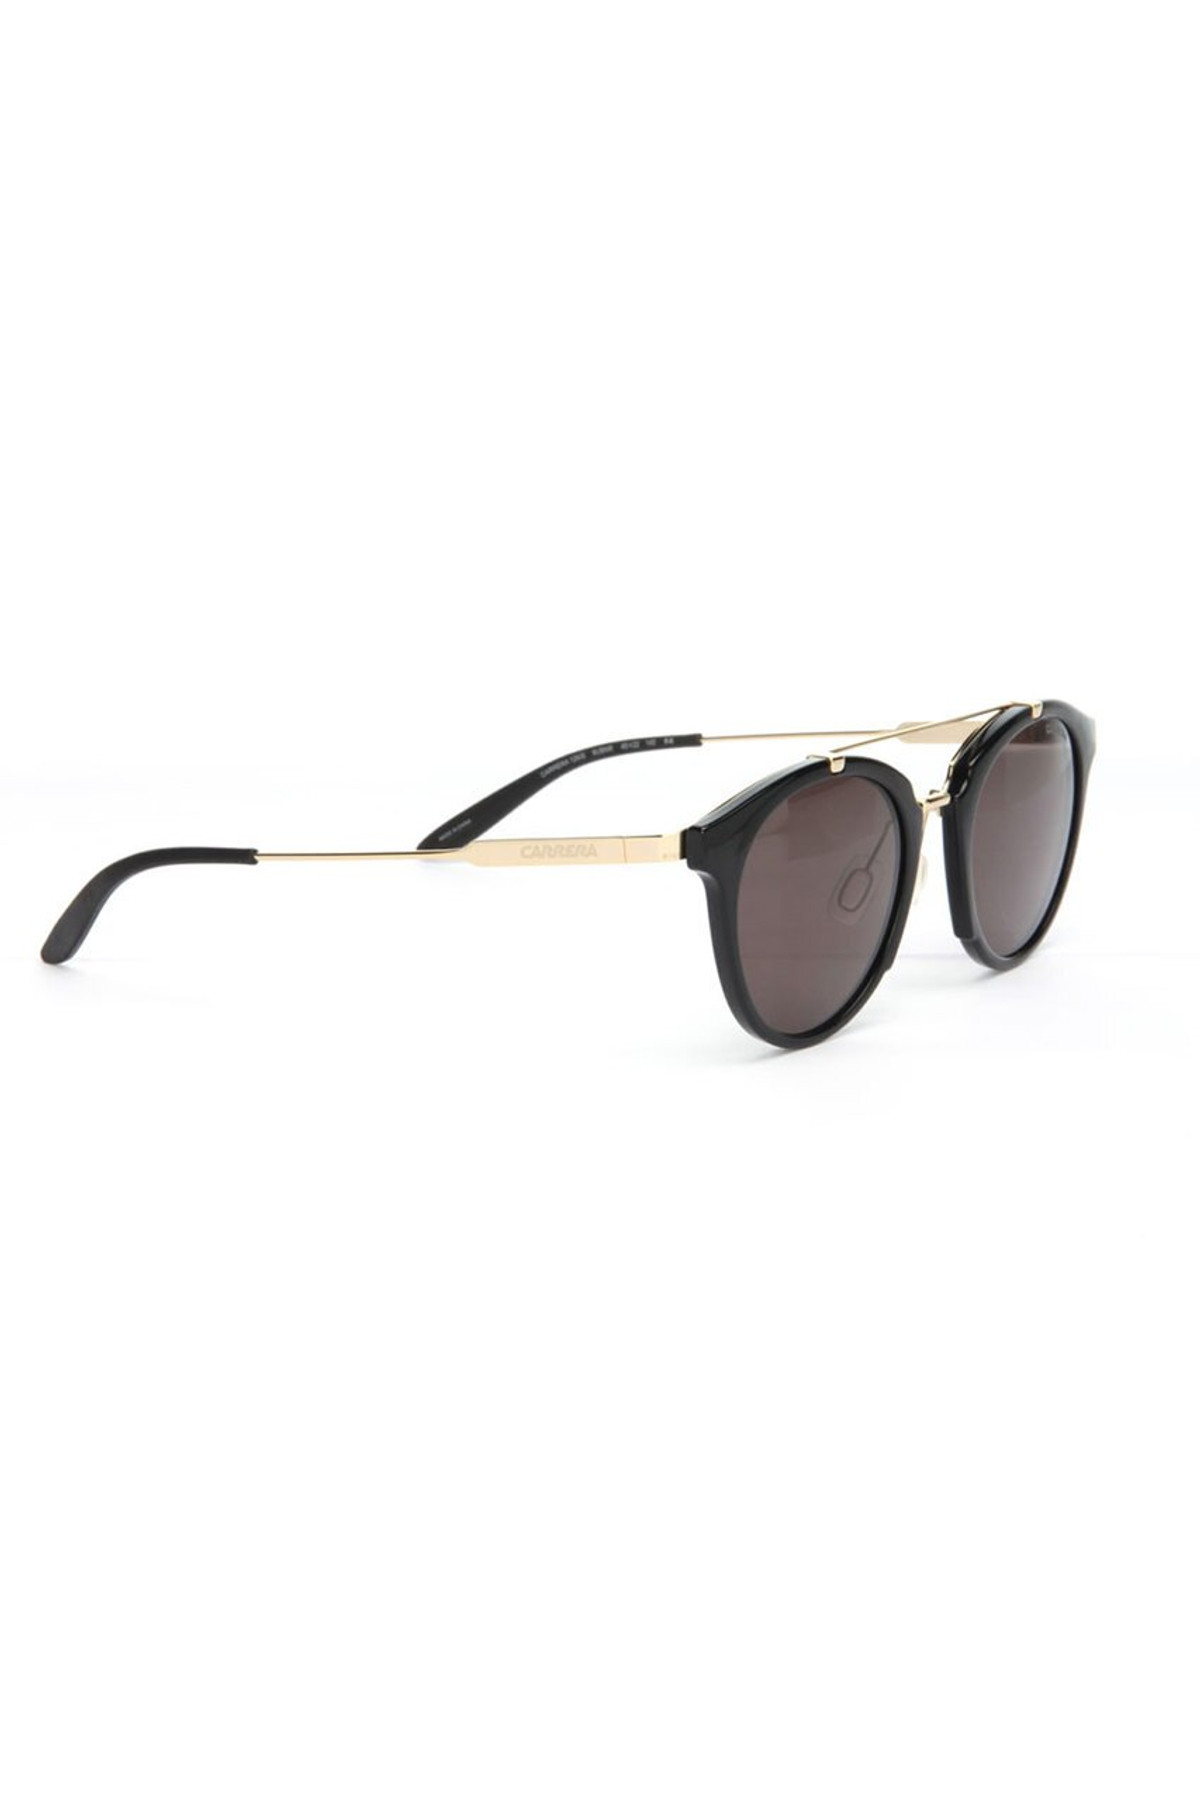 Ladies Round Sunglasses 716737893395